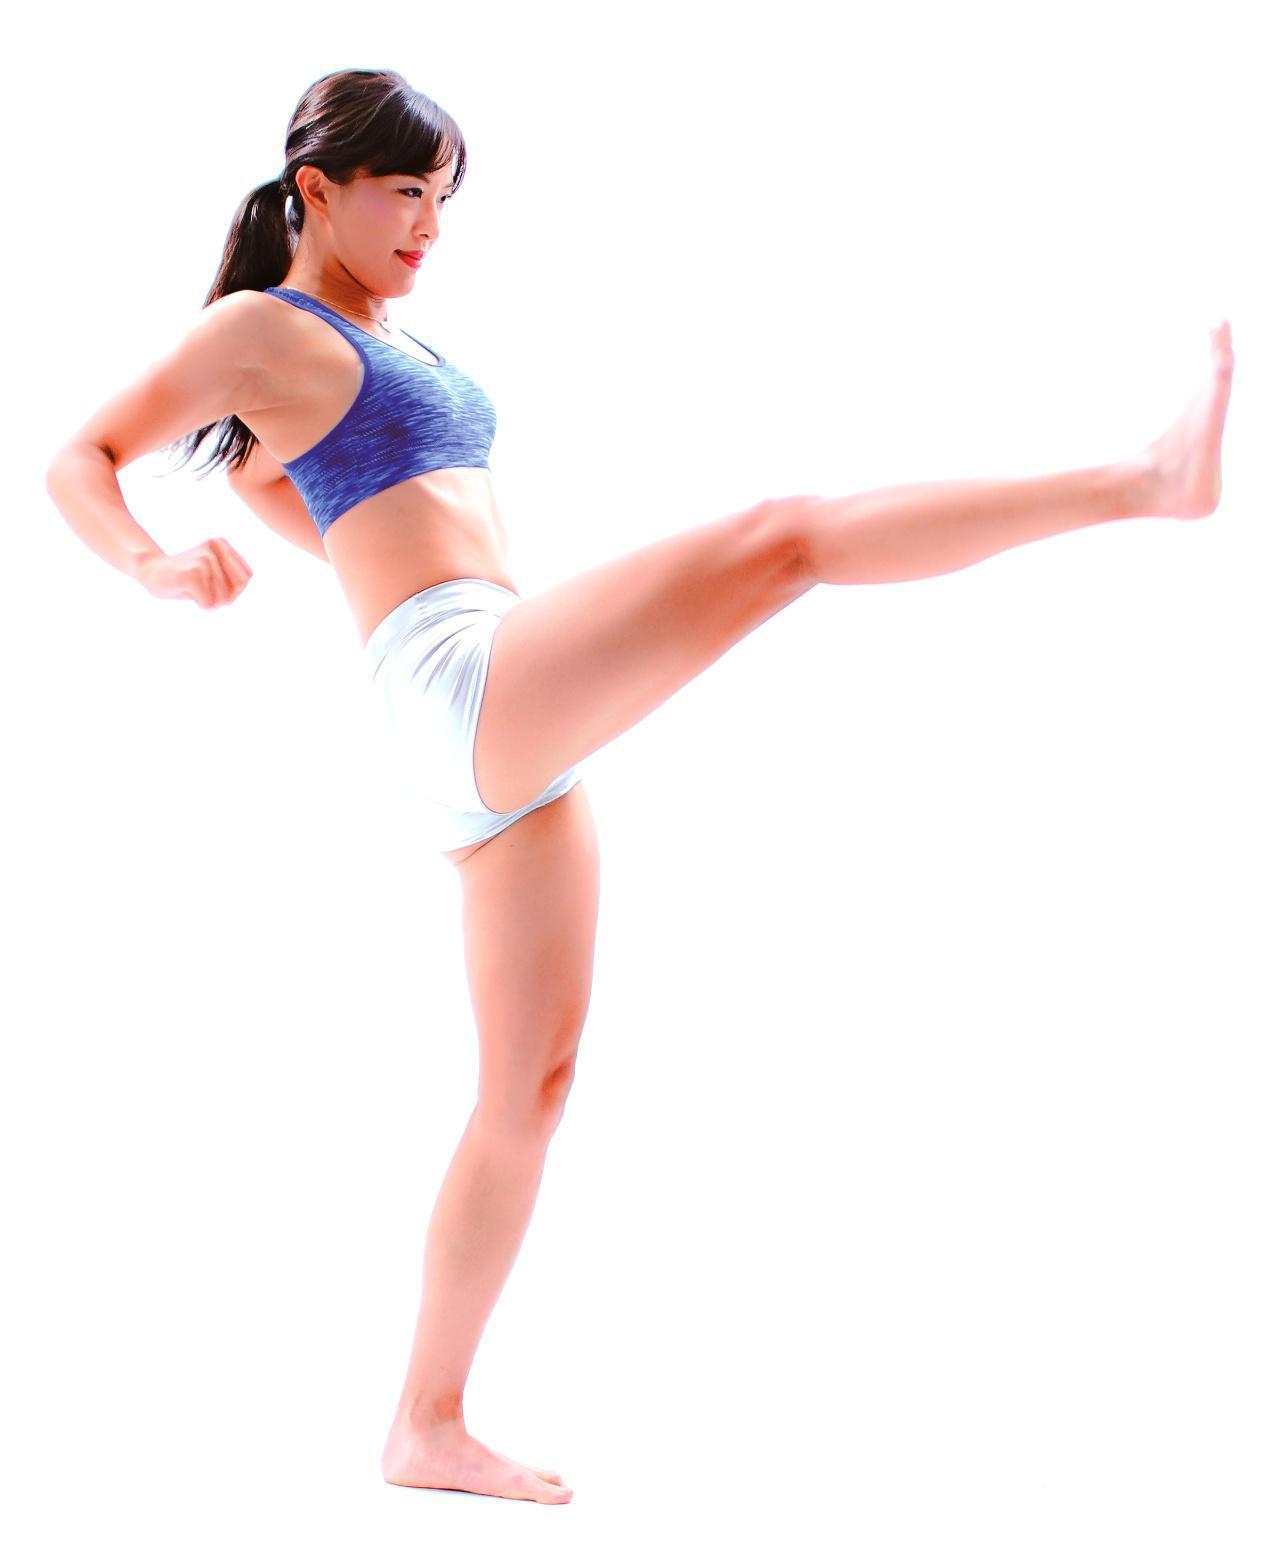 画像: 股関節を使う感覚、わかると思います股